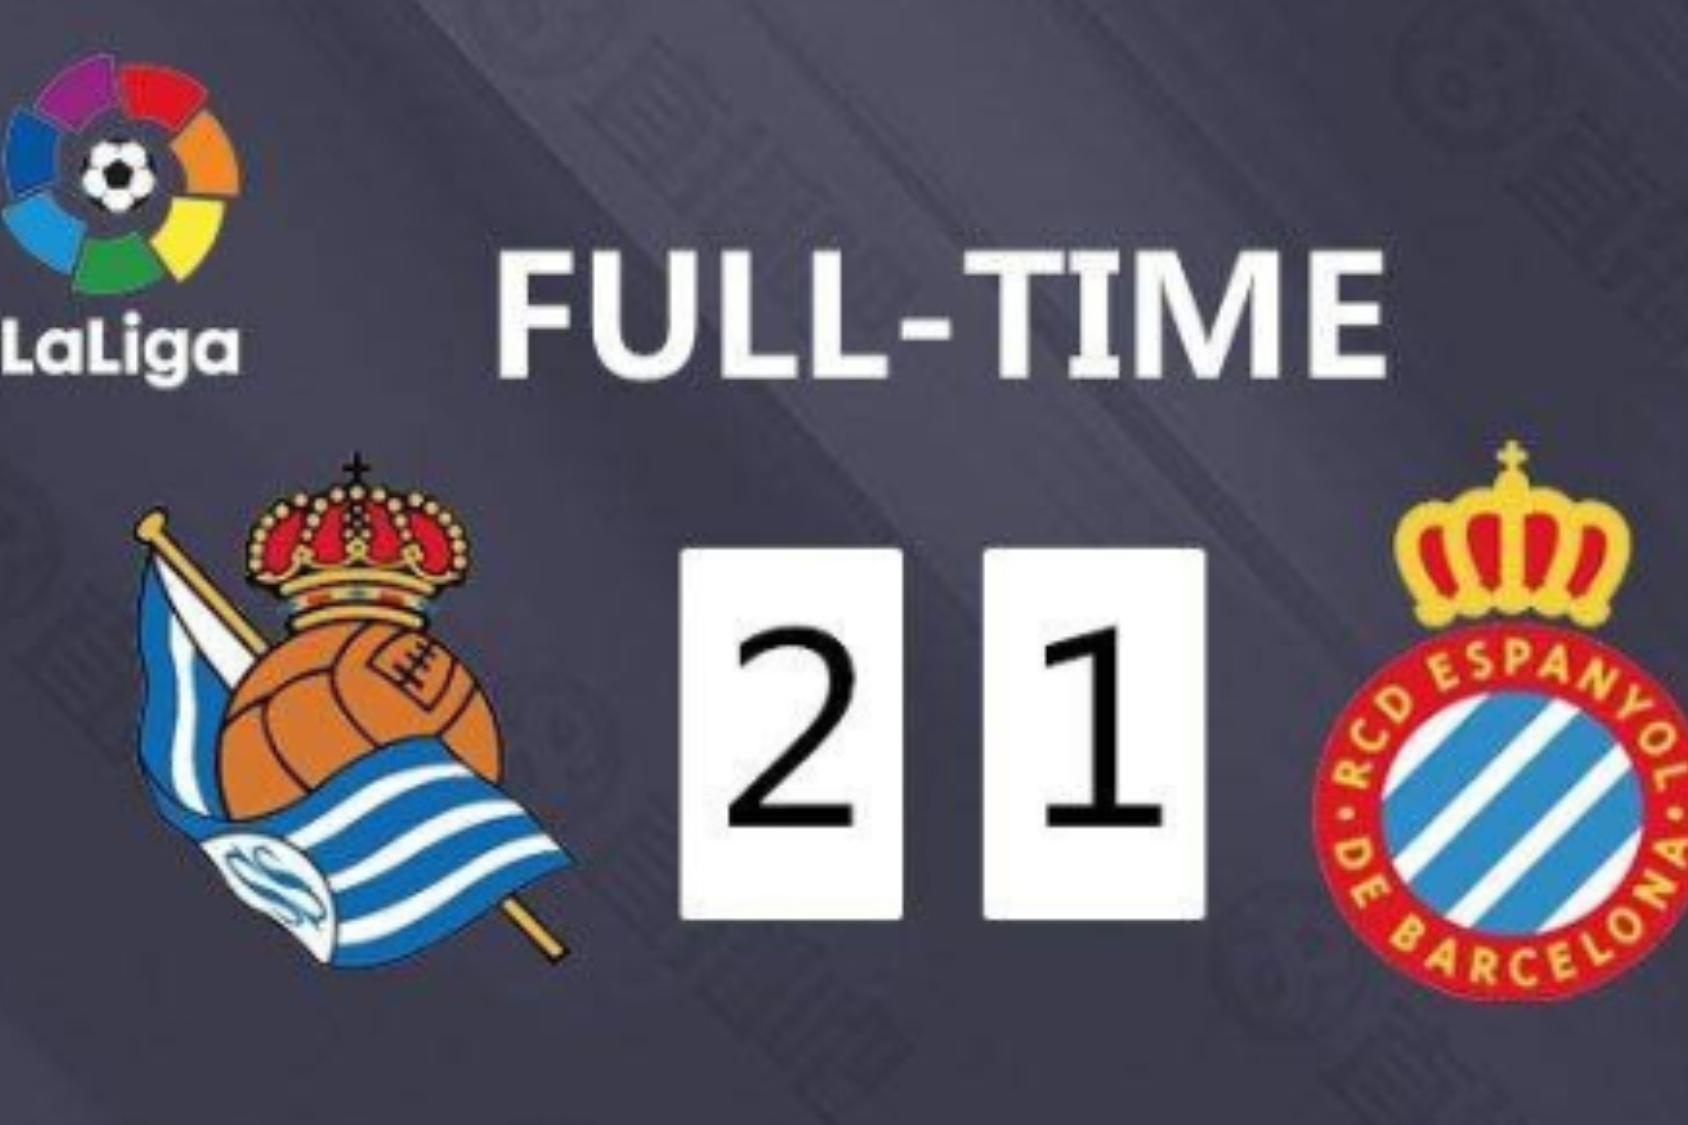 武磊替补出战30分钟, 西班牙人1-2遭皇社逆转联赛4连败-今球app官网